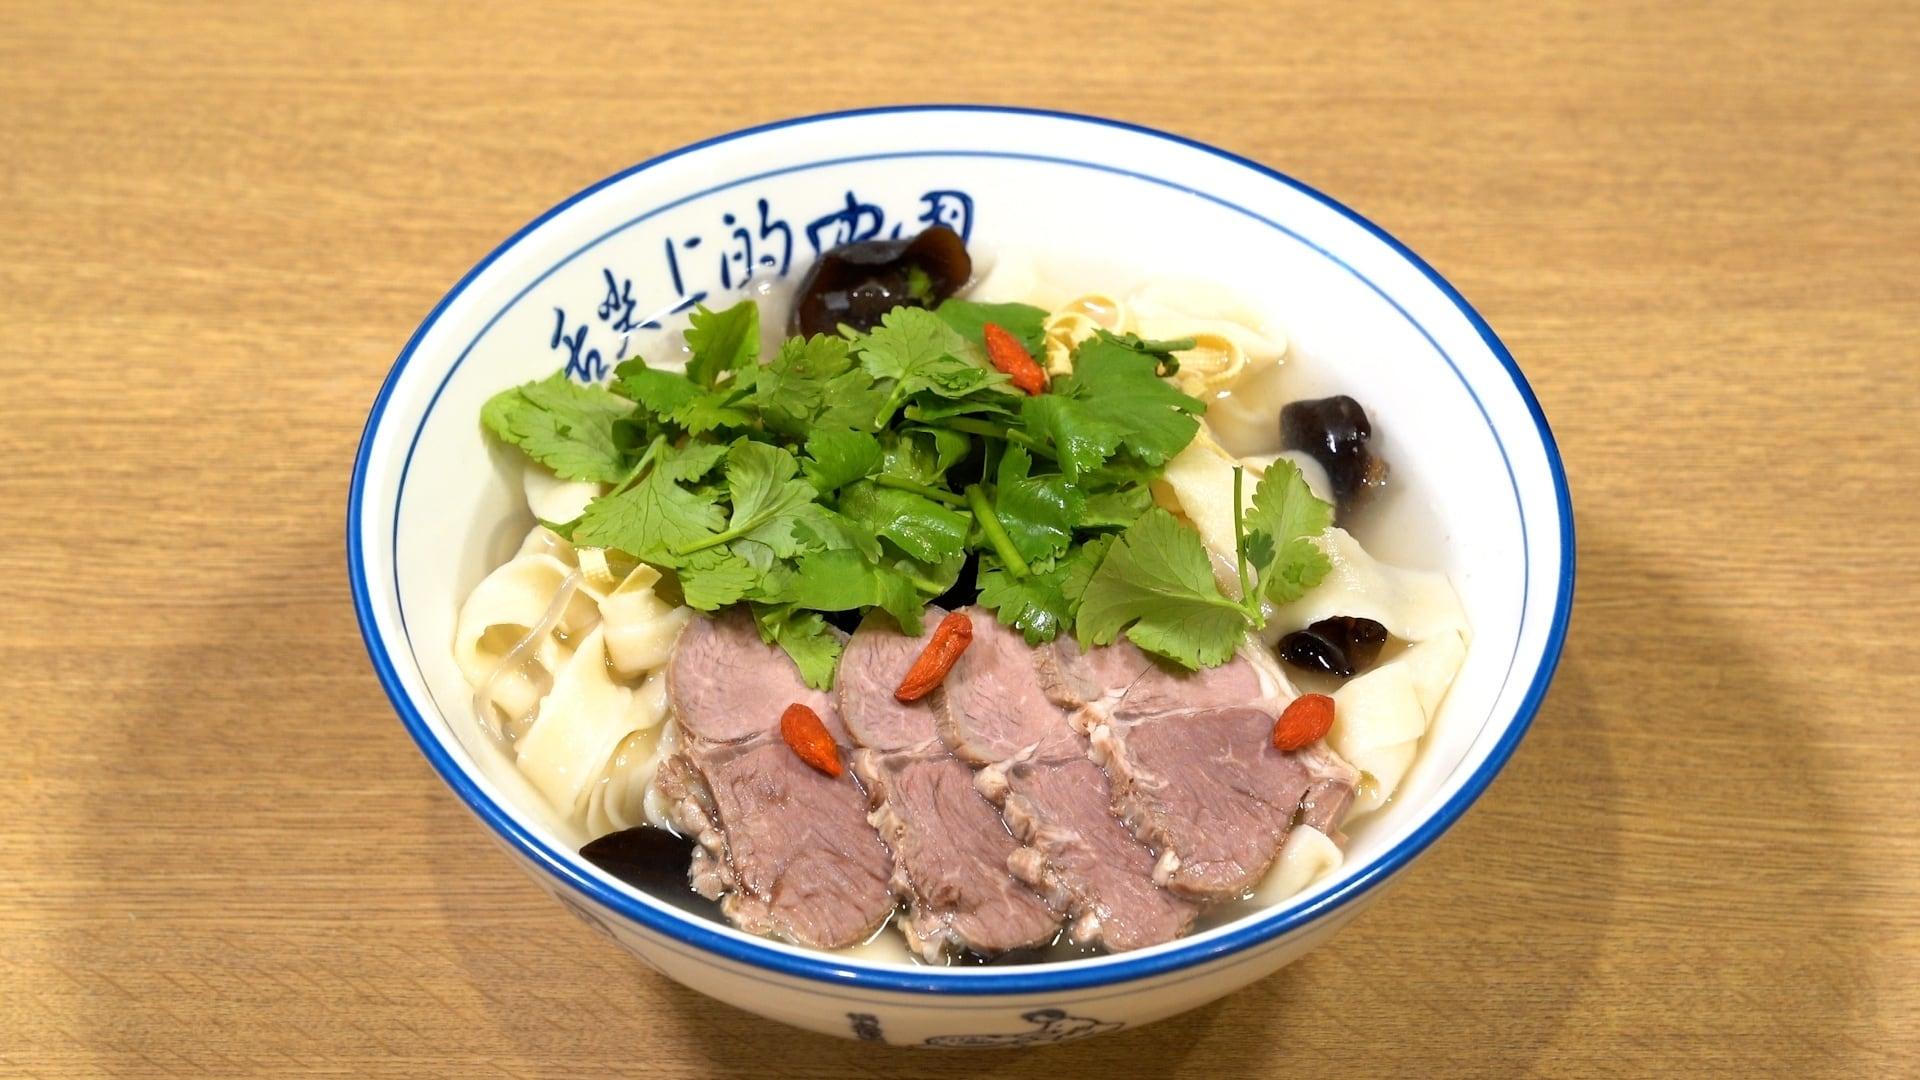 羊肉烩麺(ヤンローフイメン)